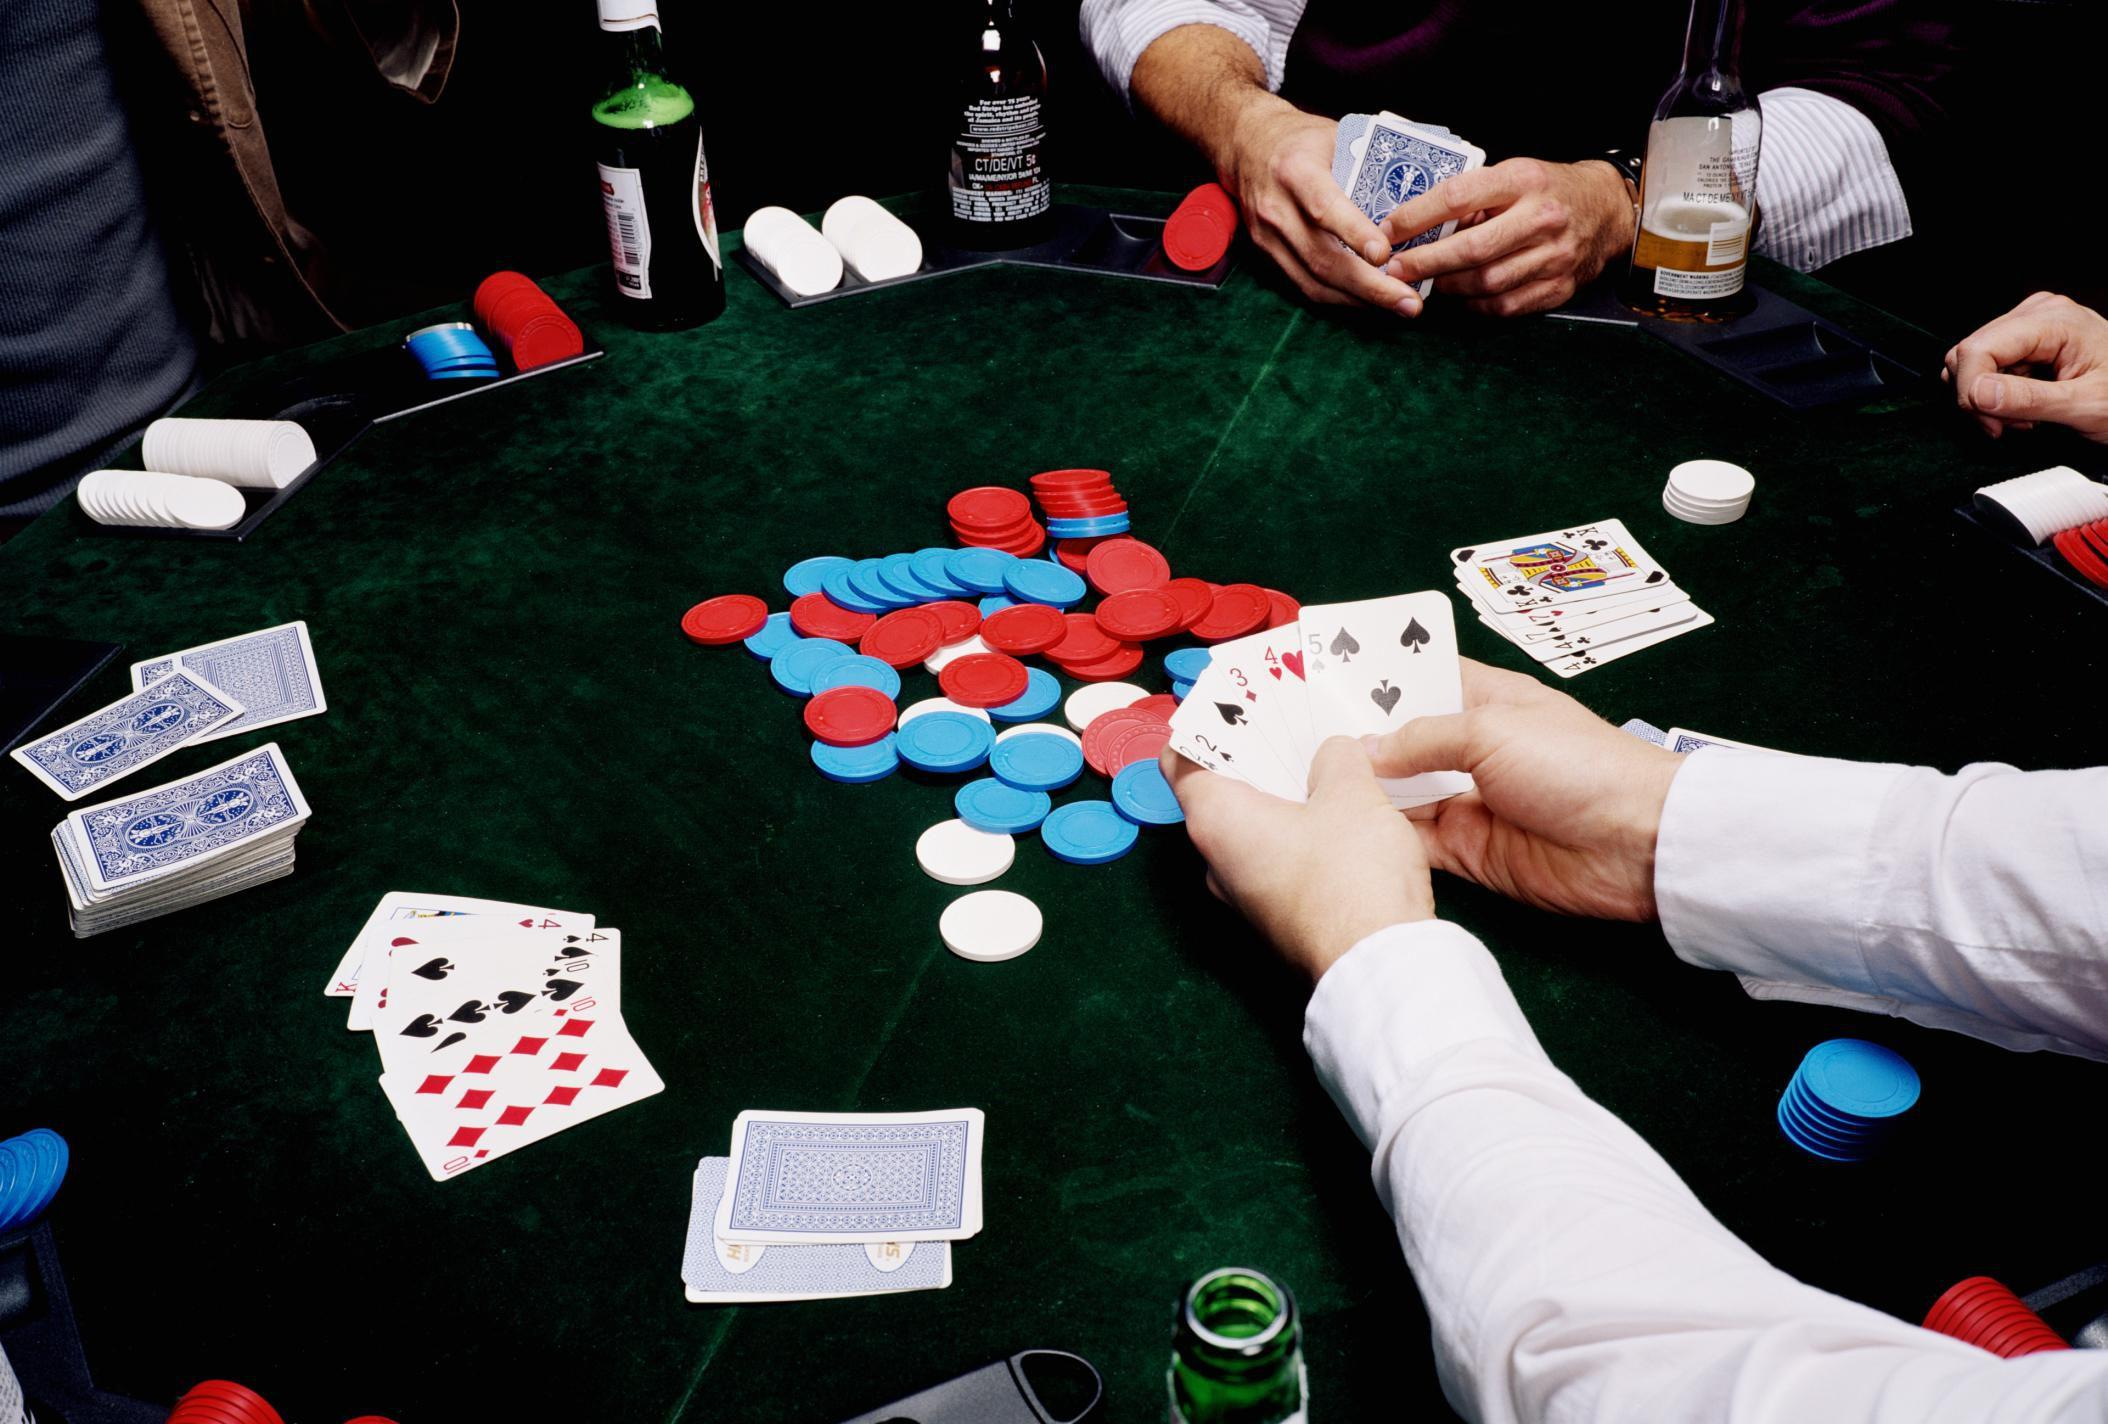 Gambleři, kteří nikdy hrát neměli! | Gambleři, kteří nikdy hrát neměli. Ano, i takto se dá nazvat desítka nejzajímavějších gamblerů všech dob. Hráč který neví kdy přestat je obecně ztracen a pokud jeho prohry dosahují obrovských výšin tak je to ještě horší. Deset nejzajímavějších gamblerů všech dob tohle dotáhla až do absurdních situací. Ostatně, přesvědčit se můžete sami.